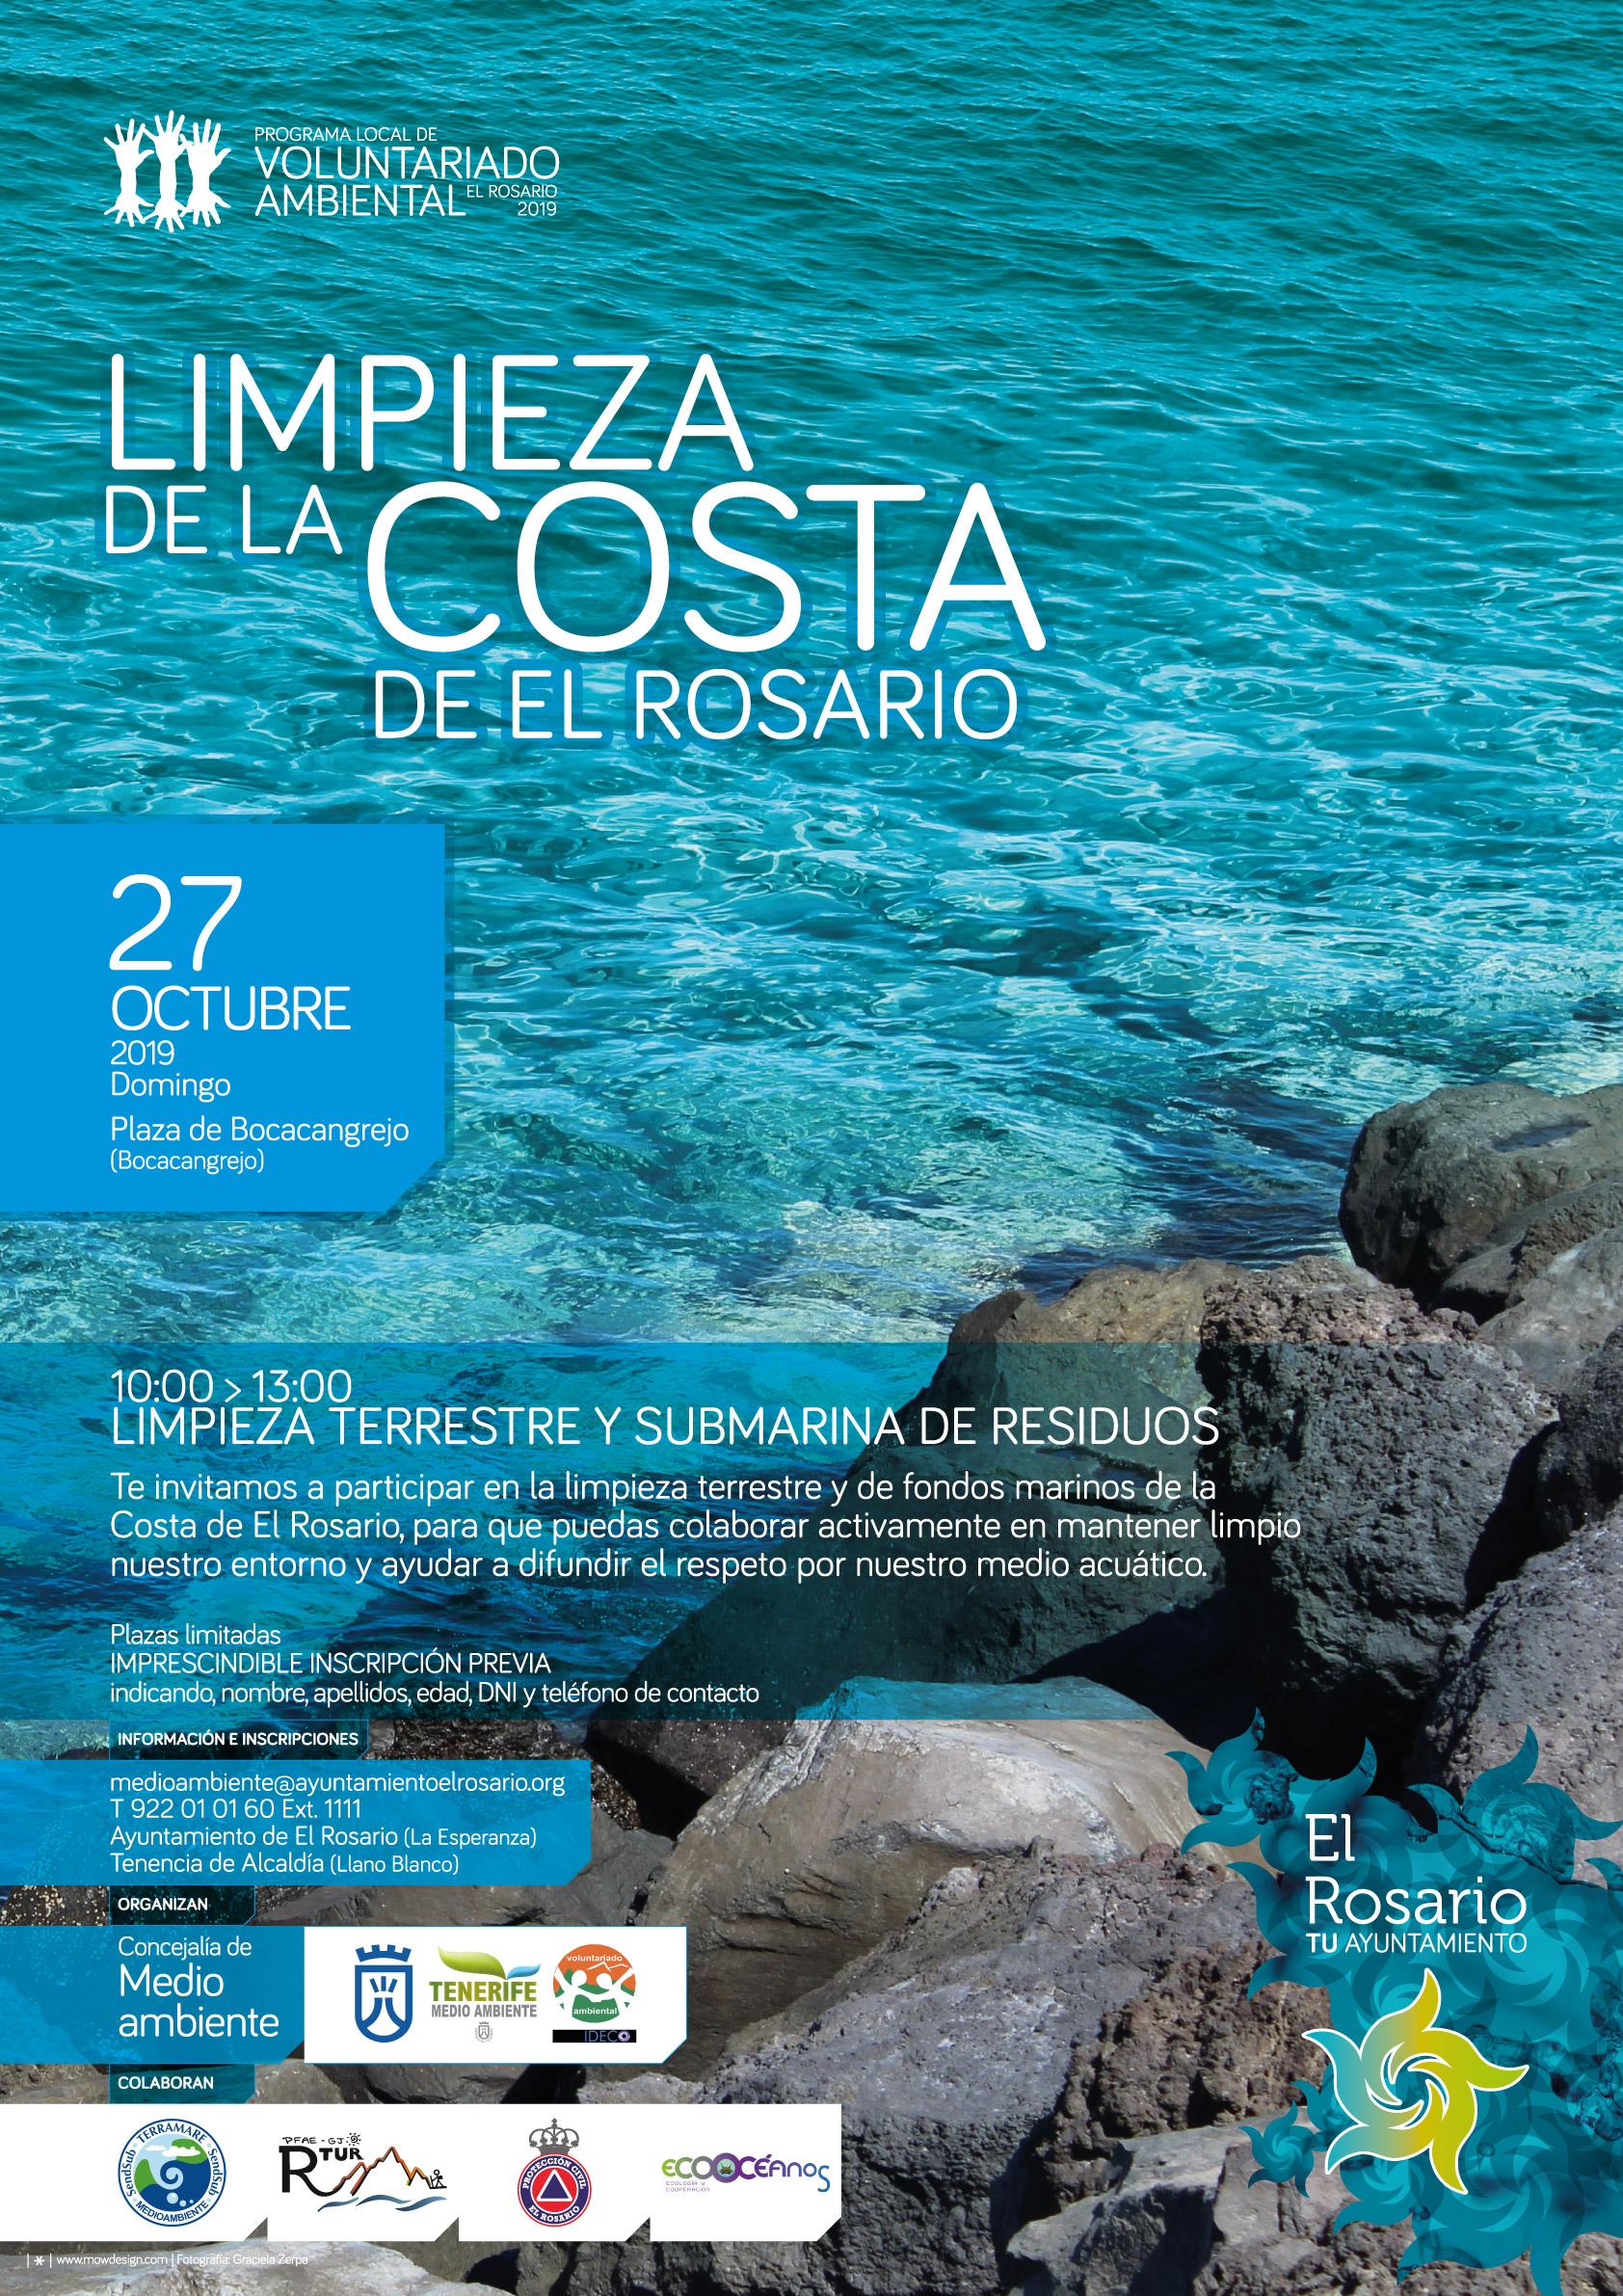 Limpieza-Costa-El-Rosario-20191027-CARTEL_a3-20191019-02af-reprografia-redes